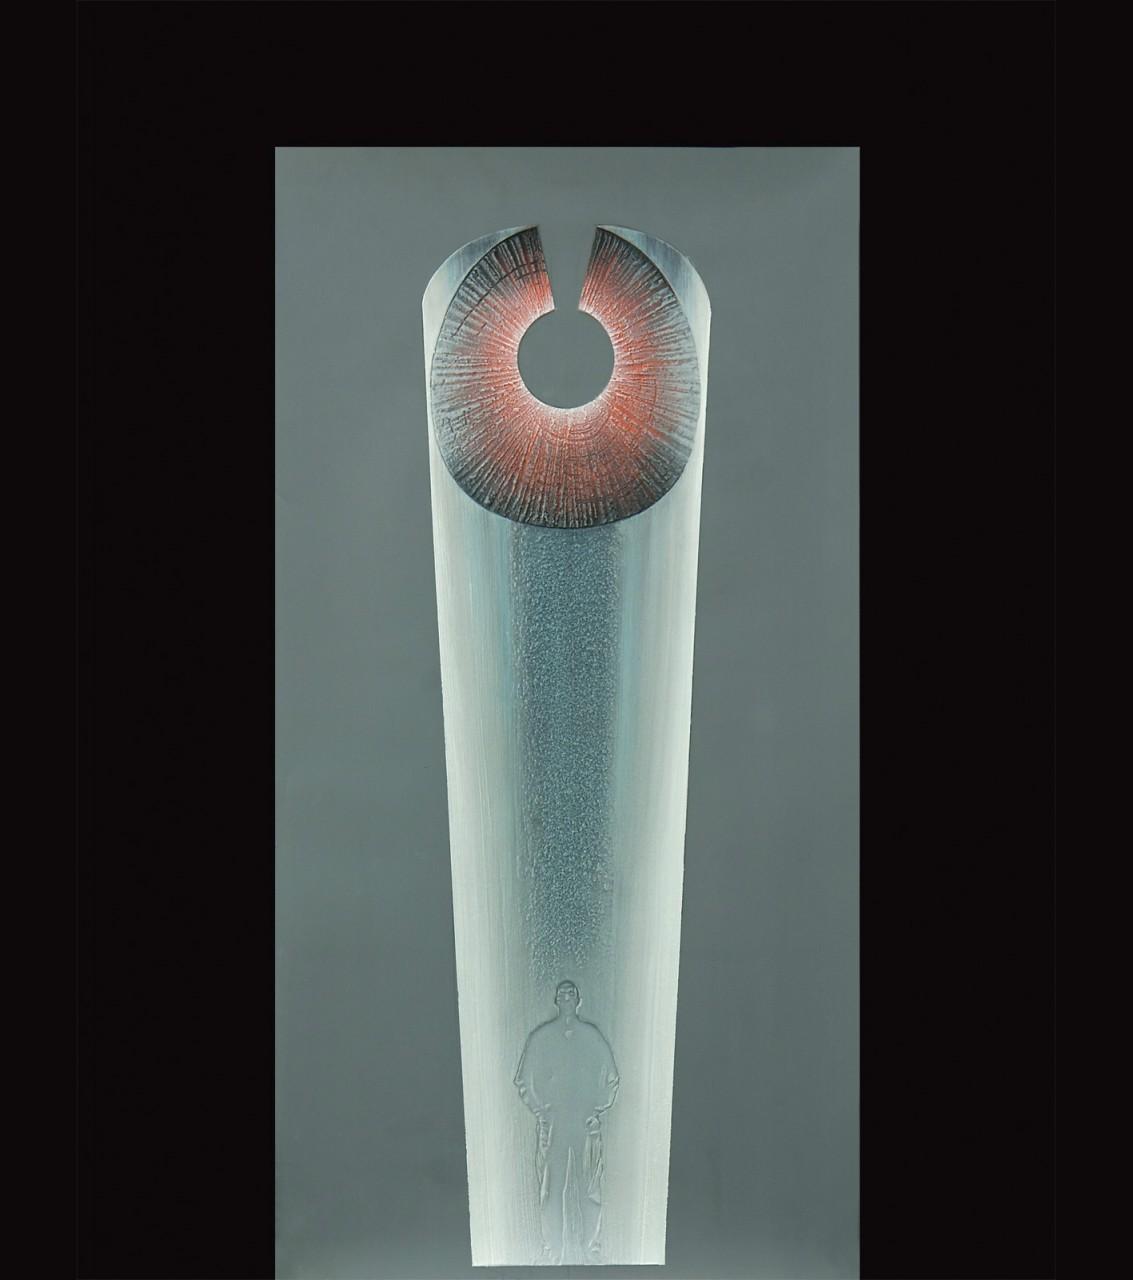 Cruna spezzata 2011 – progetto - cm 37x65,5 - polvere di marmo, sabbia, colori acrilici su film poliestere